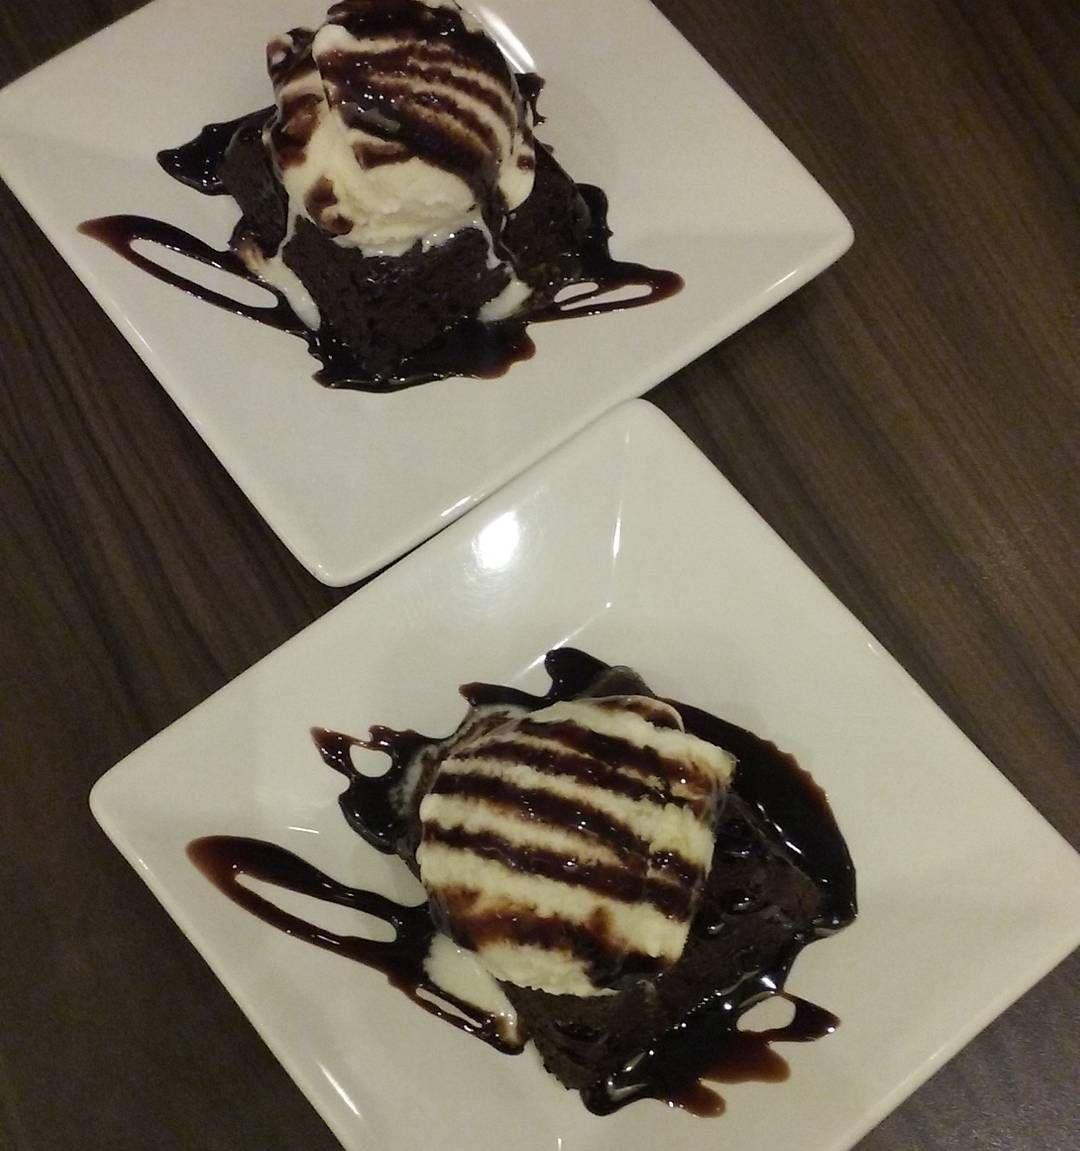 Para fechar a noite e o Vlog de  hoje um #brownie no  @freddobrasil aqui do @moocaplaza e um trifreddo delícias para adoçar a vida . #brownies #delicias #AnaAraujo #BlogAnaAraujo #blogueirassp #blogueira #sexta #datenight #date #Love #lovechocolate